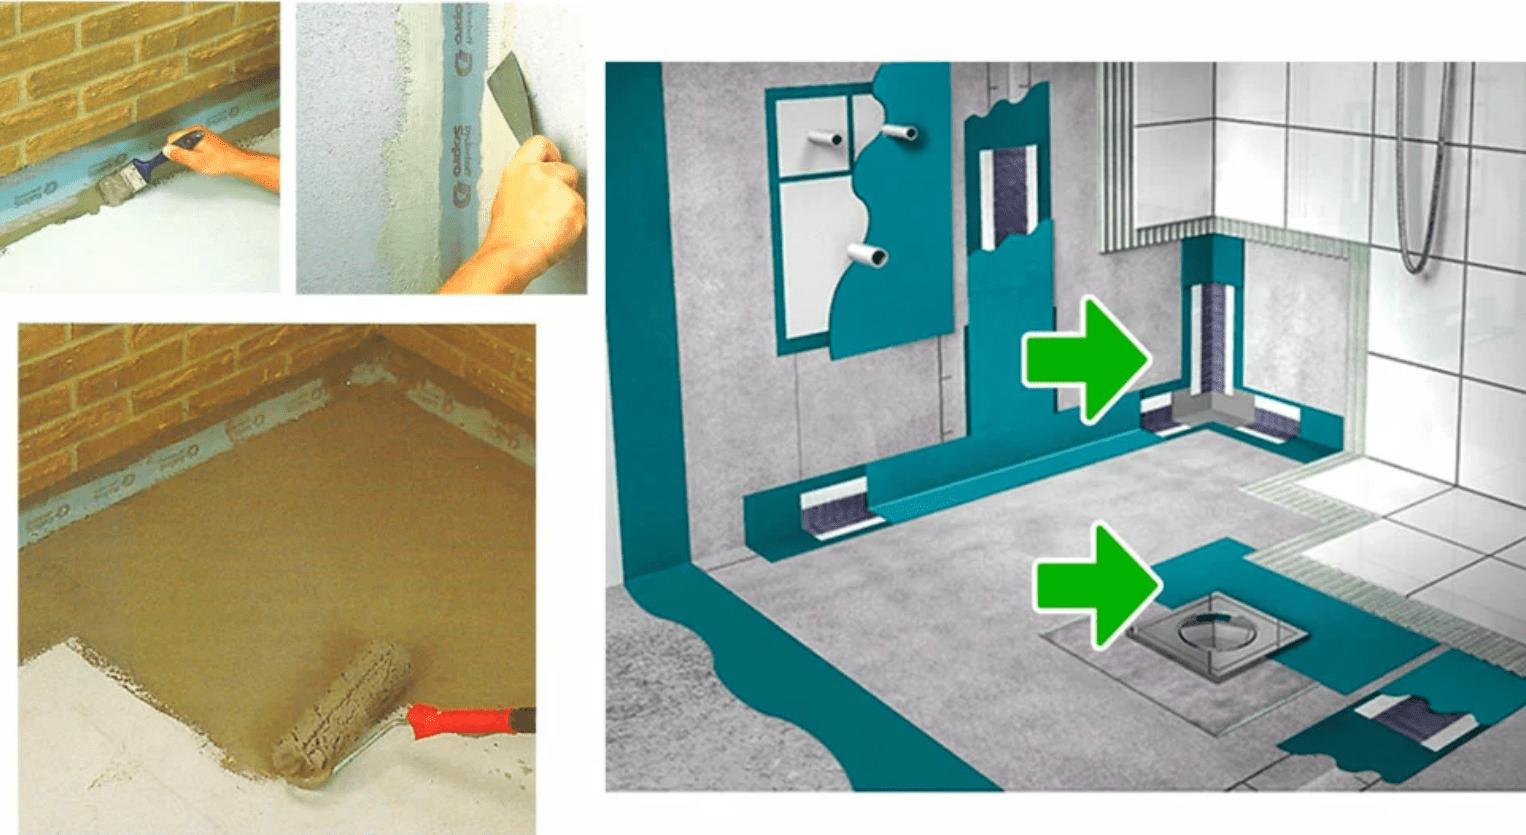 Гидроизоляция деревянного пола: материалы и нюансы, виды, инструкция по применению